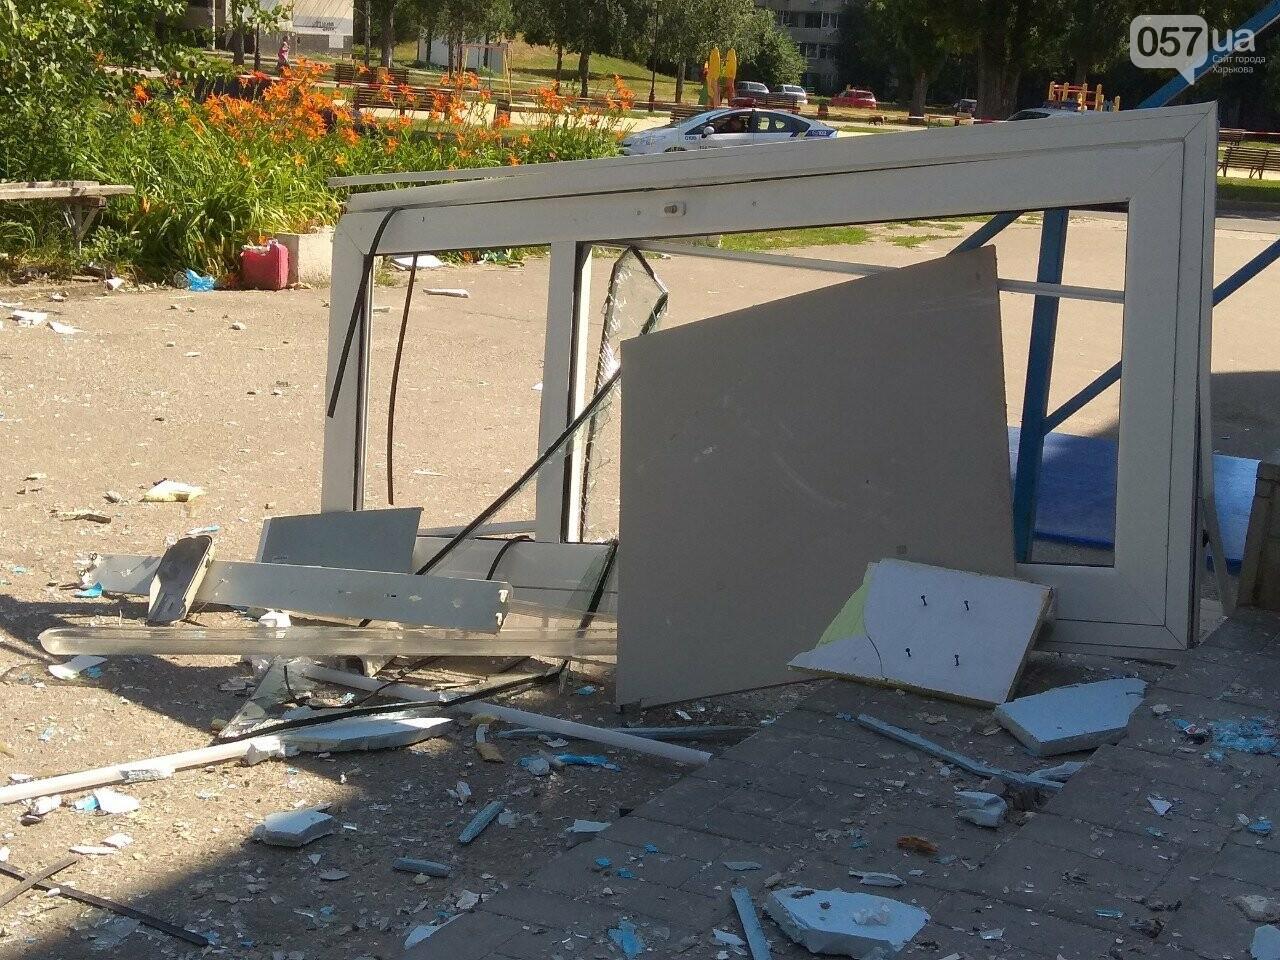 Взрыв банкомата на Алексеевке: неизвестные нанесли магазину убыток на 200 тысяч гривен, - ВИДЕО, фото-11